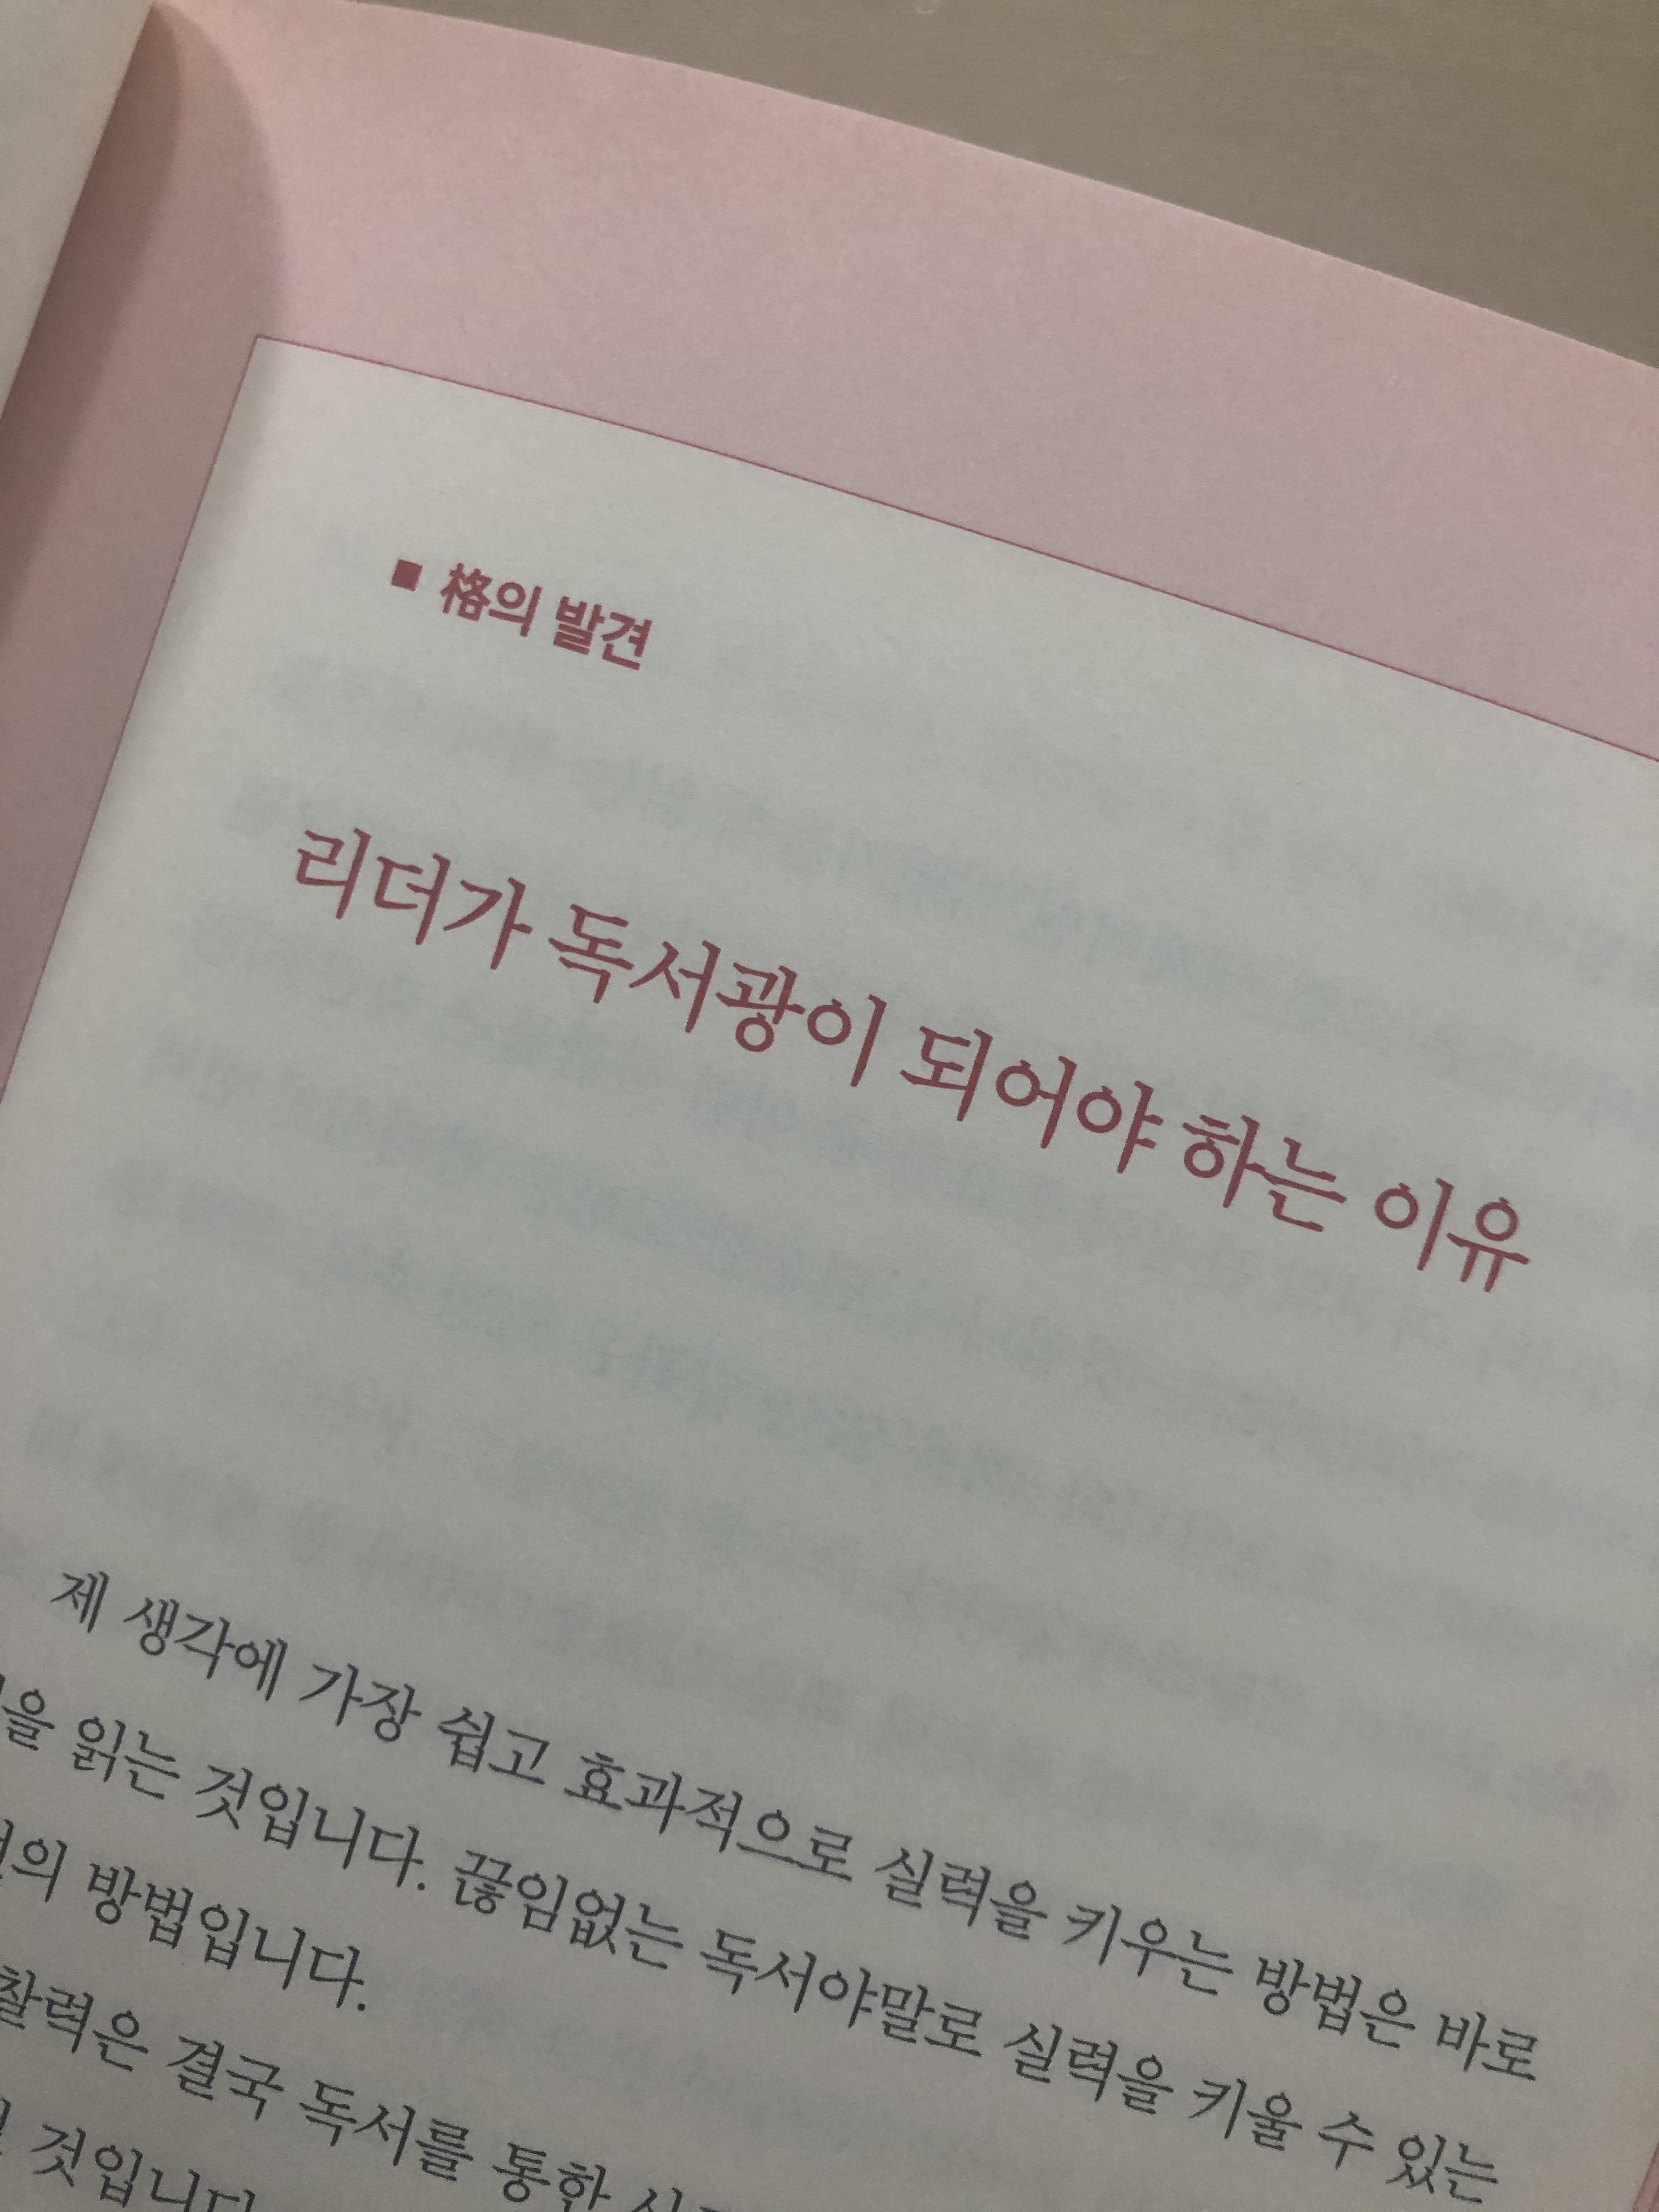 리더가 독서광이 되어야 하는 이유